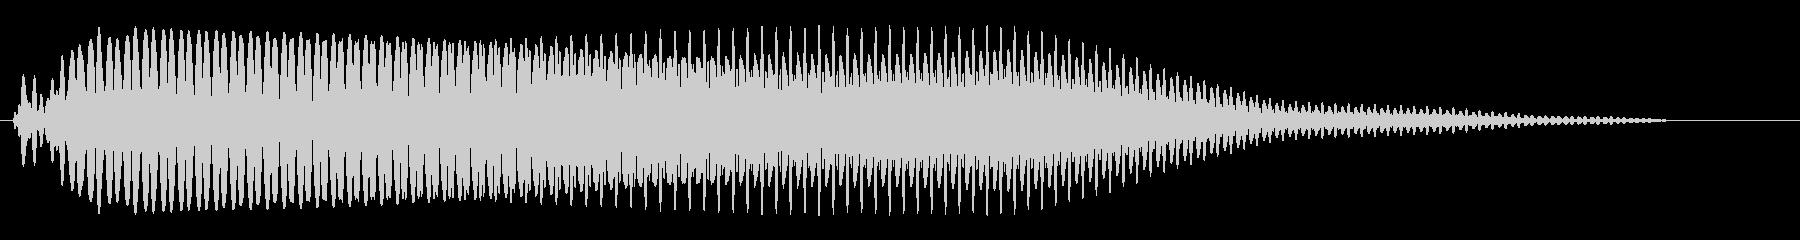 バイクのアクセルを踏んだときの音の未再生の波形